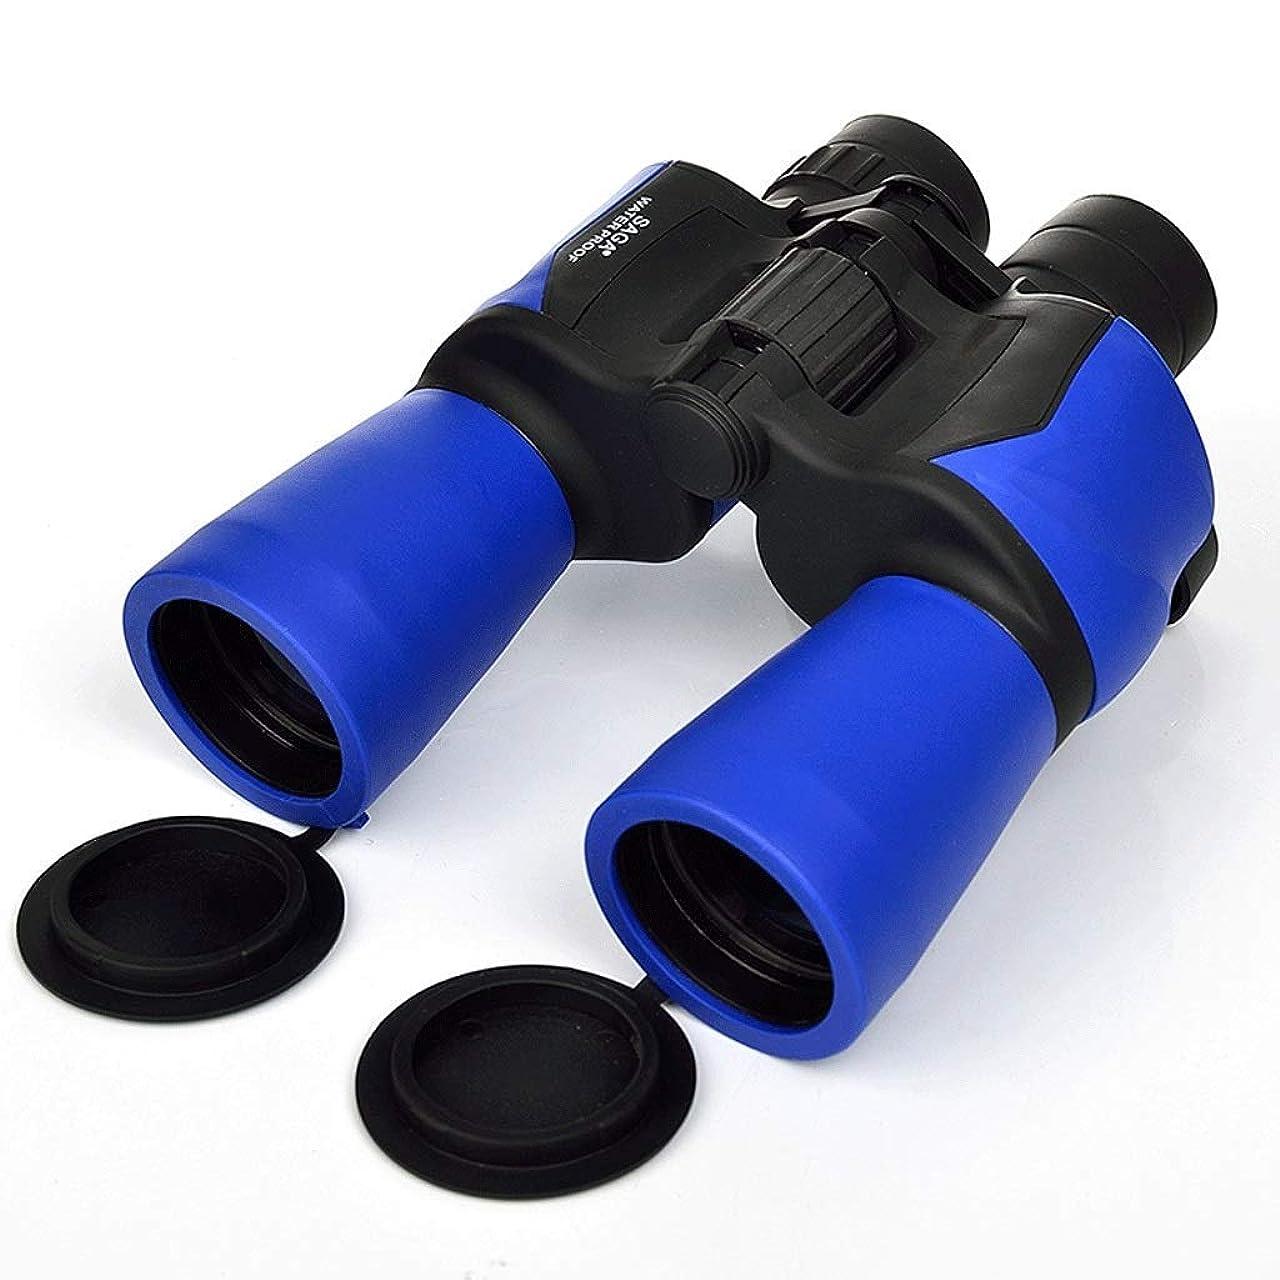 戸棚通行料金雇用天体望遠鏡アクセサリー望遠鏡屋外8回